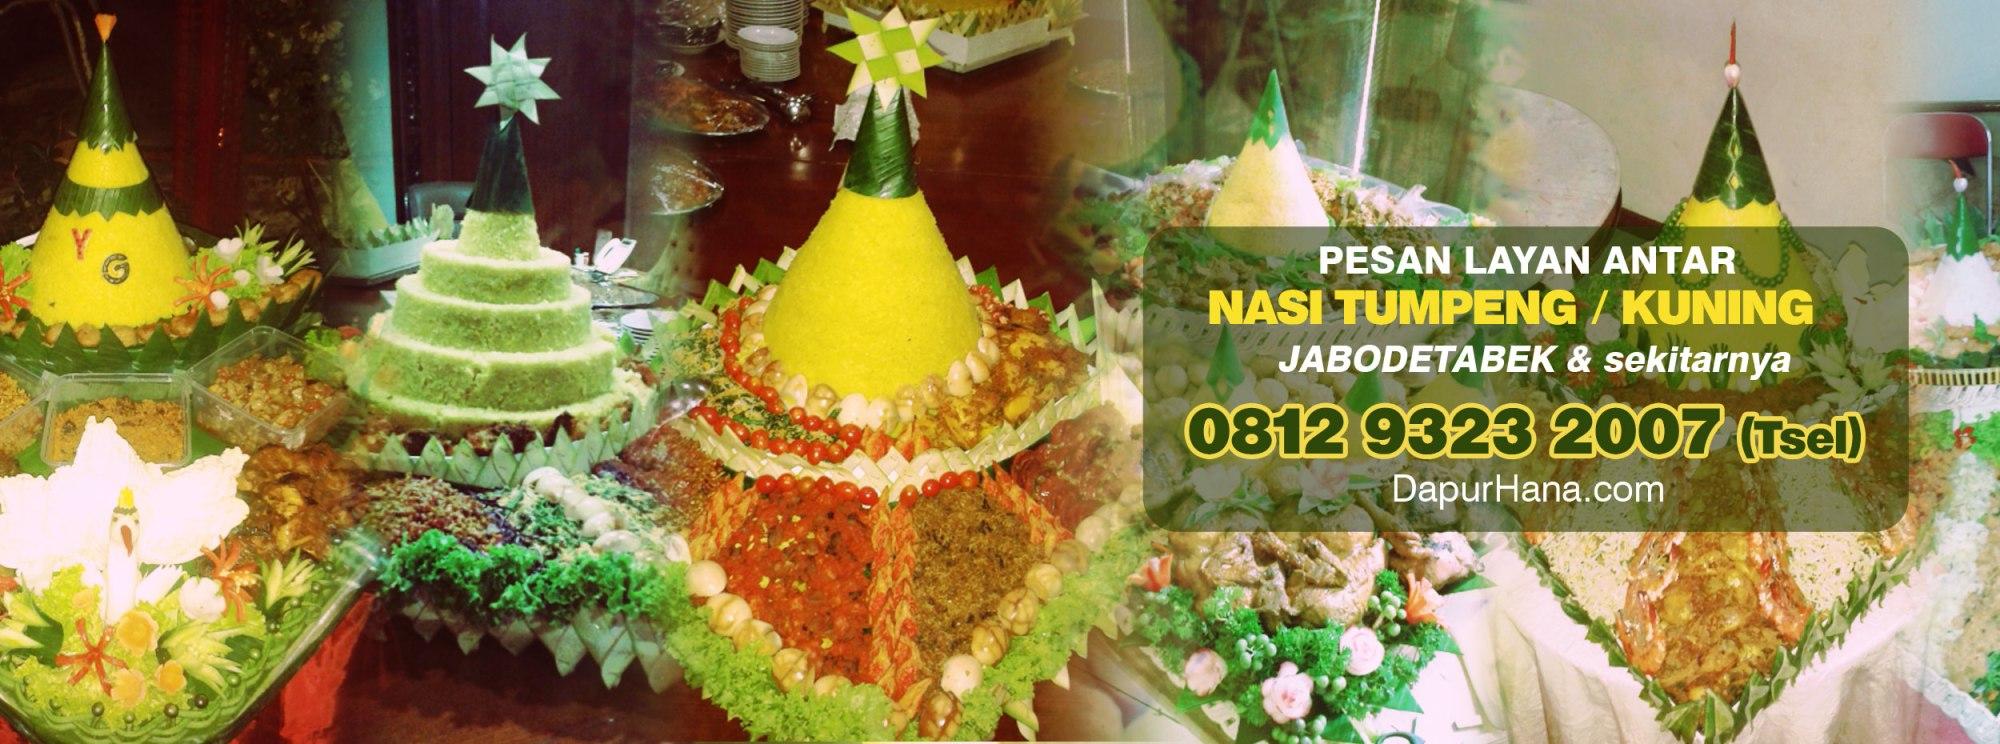 081293232007 | Pesan Nasi Tumpeng Kuning di Bekasi Jakarta Depok Tangerang Bogor